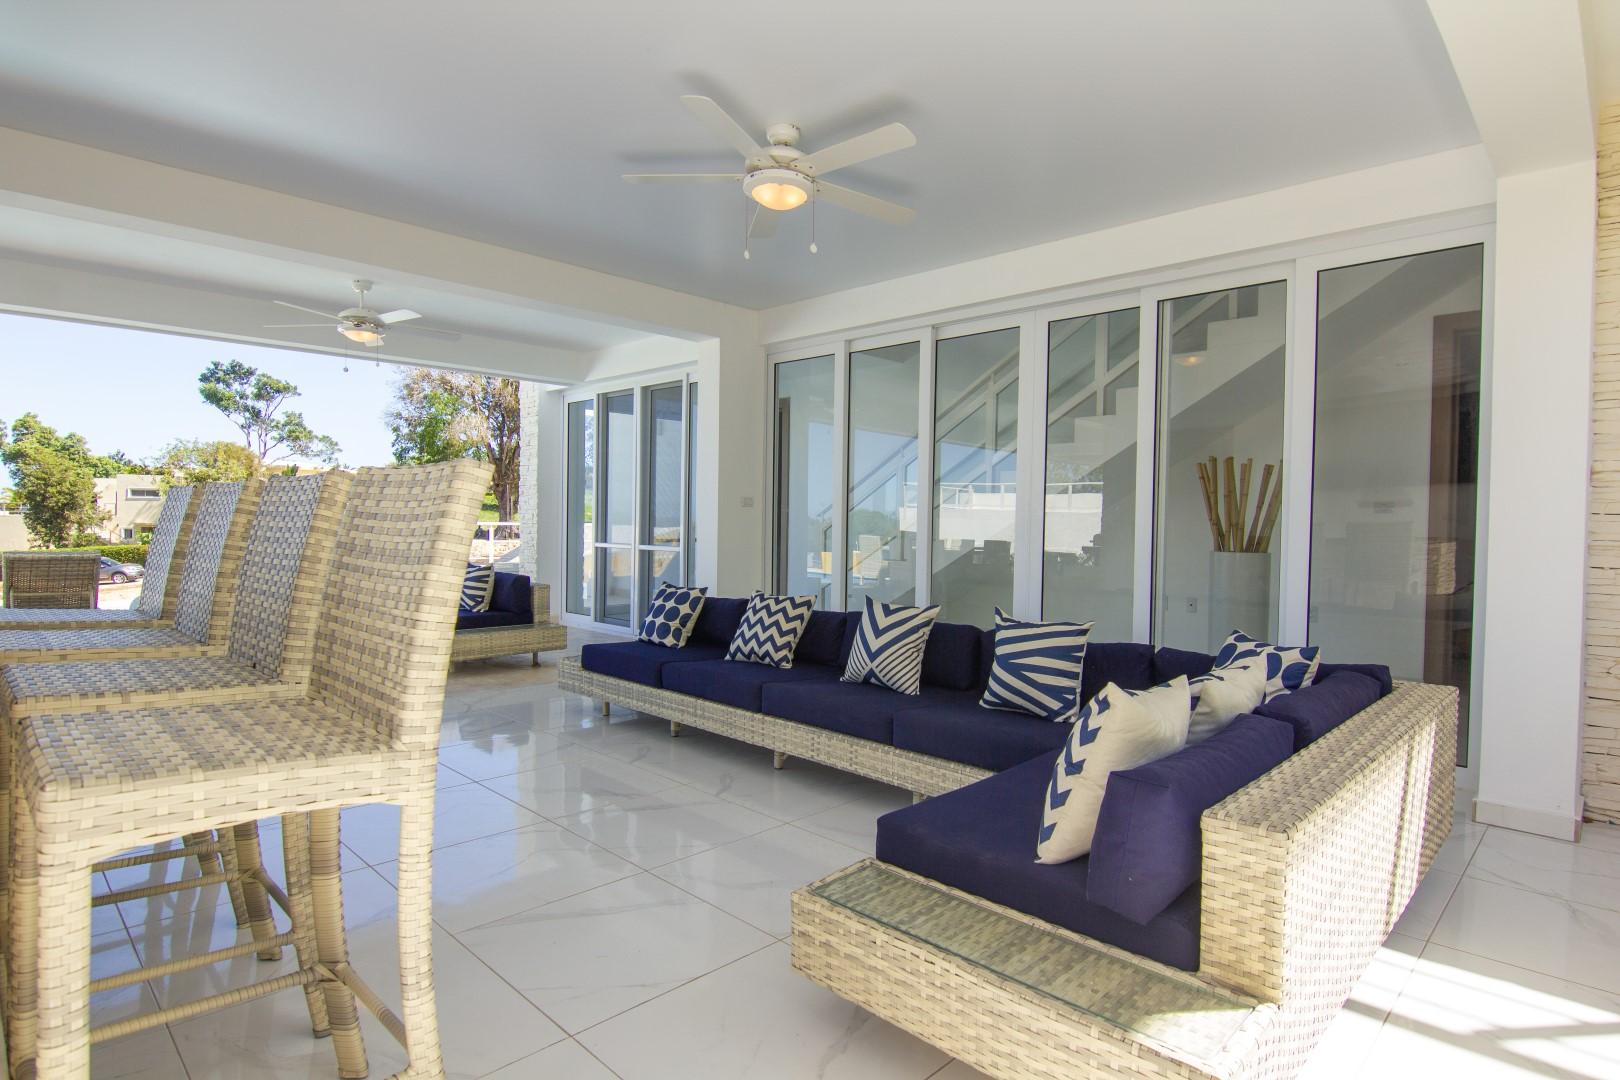 Casa Linda Villa Seashell